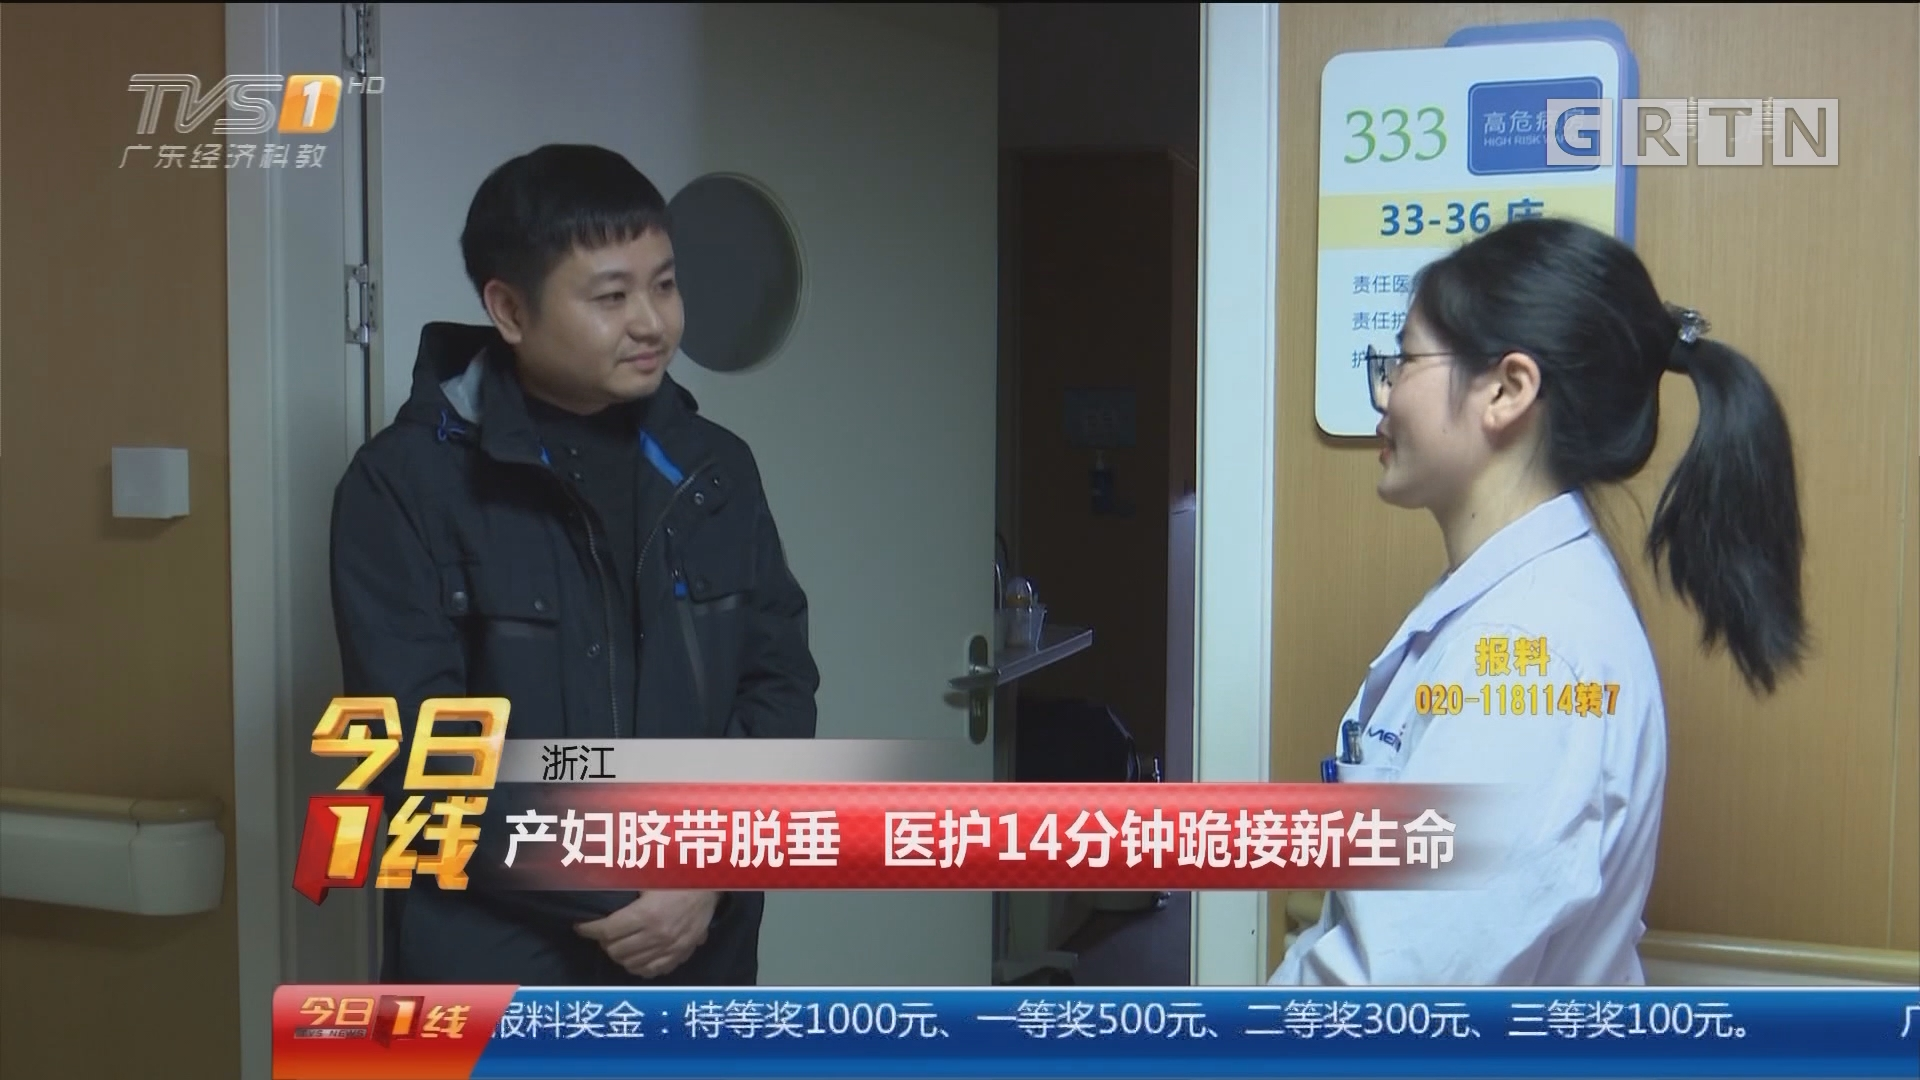 浙江:产妇脐带脱垂 医护14分钟跪接新生命